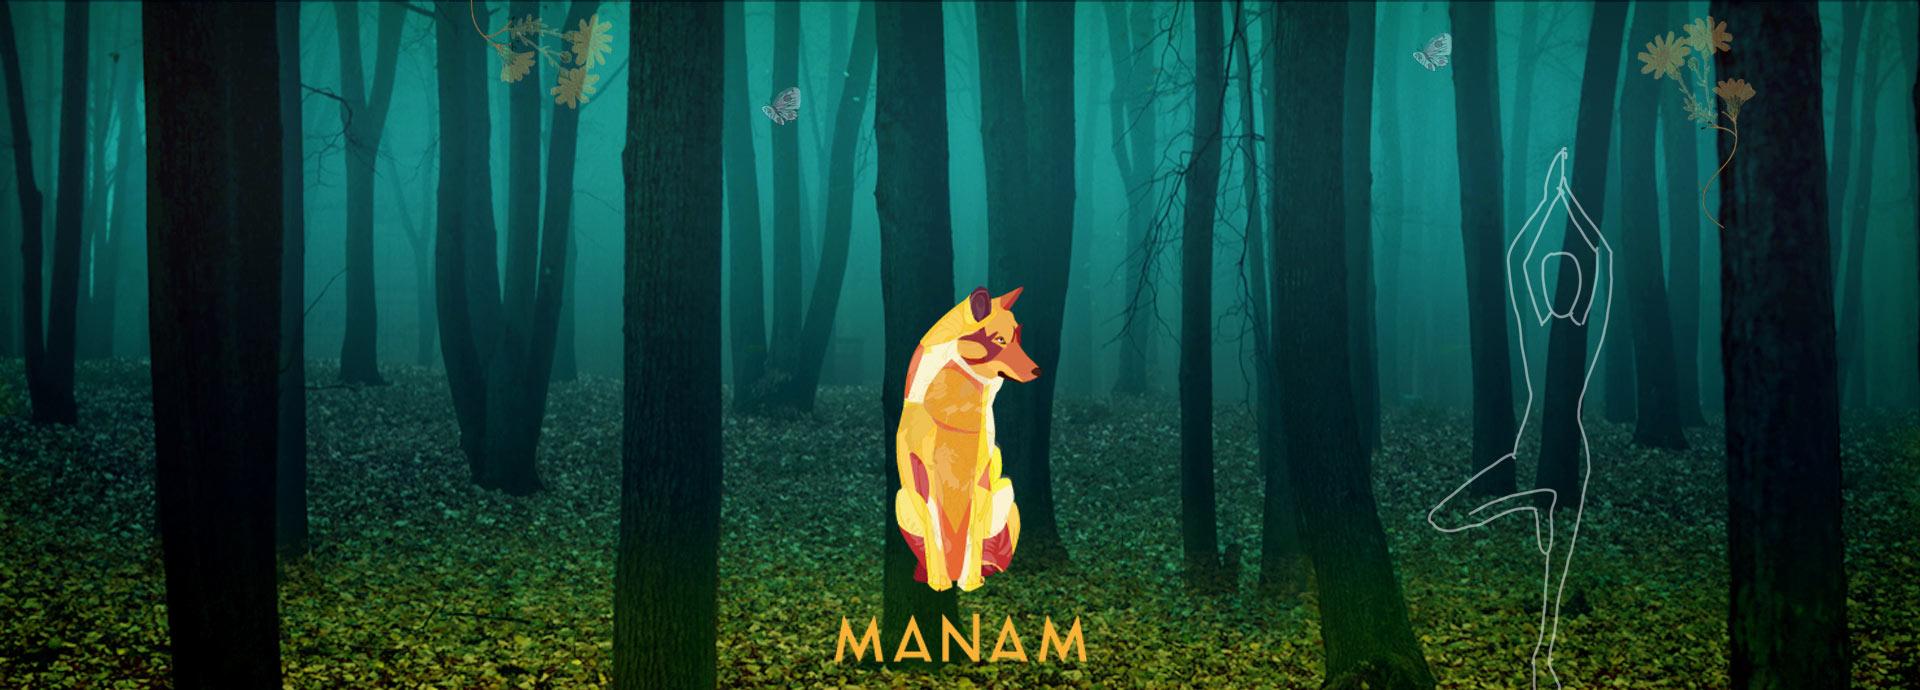 Manam Yoga